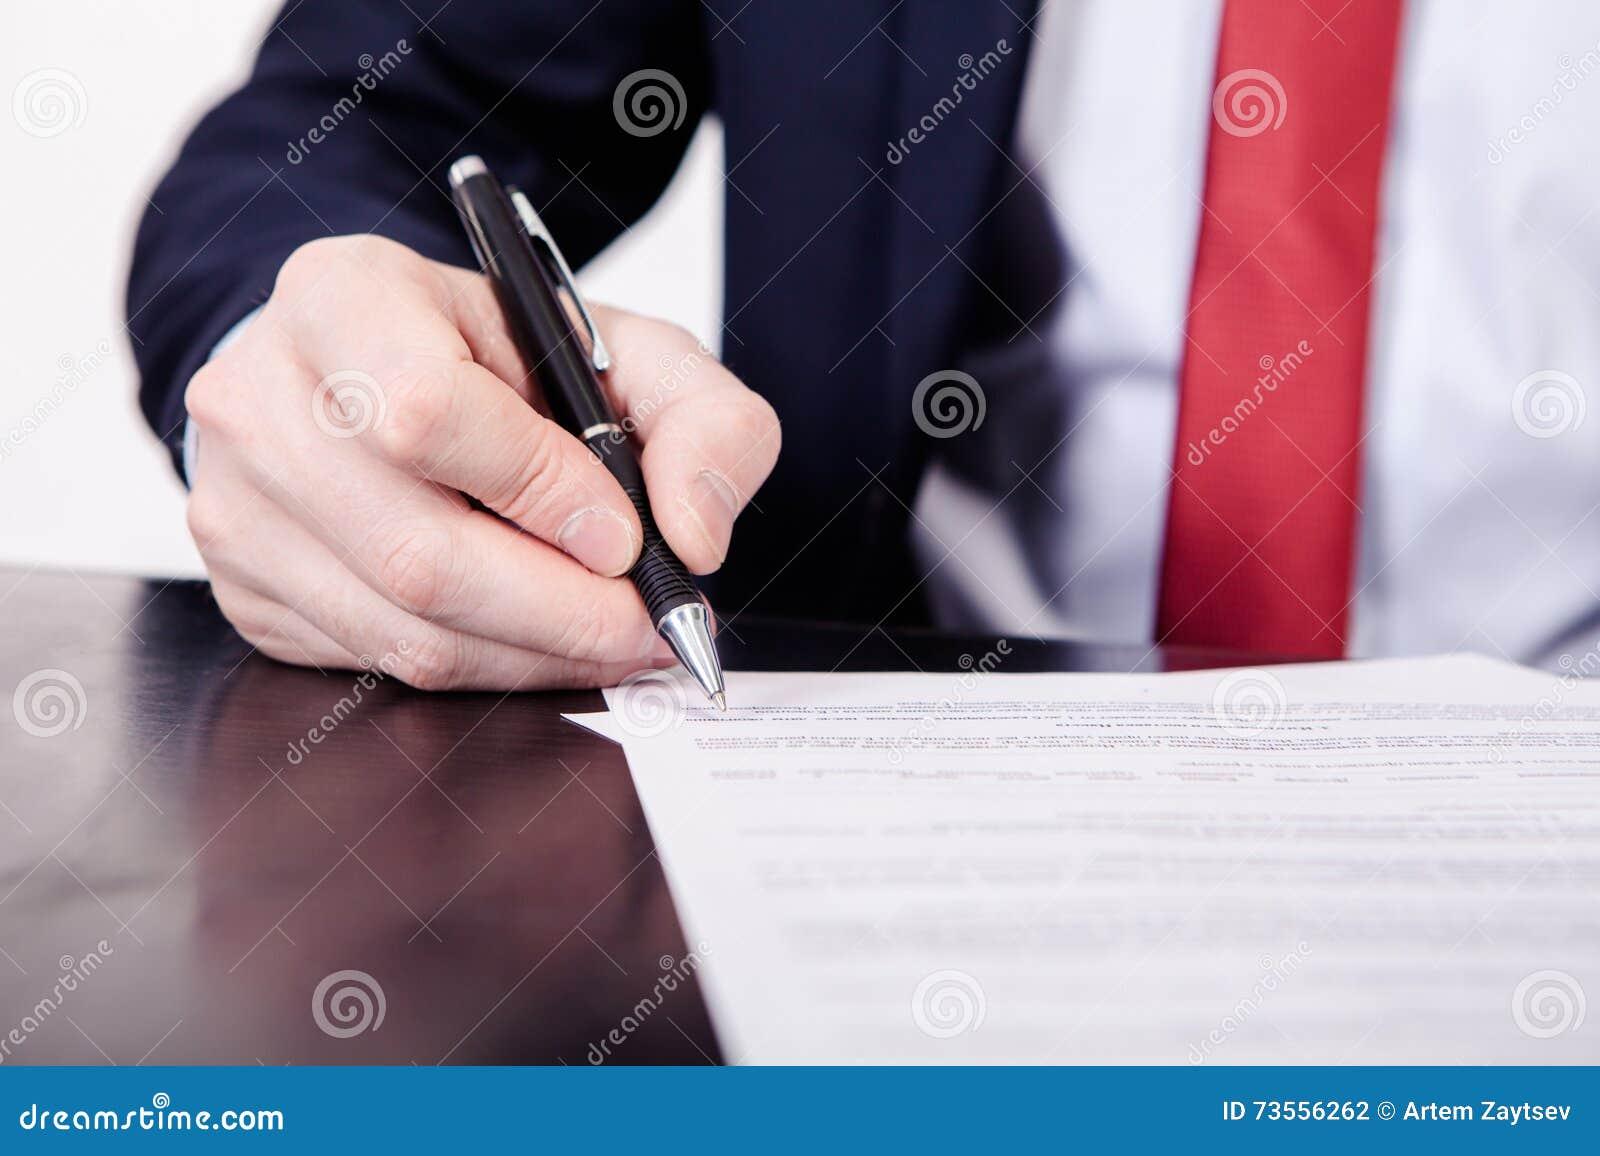 Geschäftsmann, Der Einen Vertrag Unterzeichnet Eine Hand, Die Einen ...